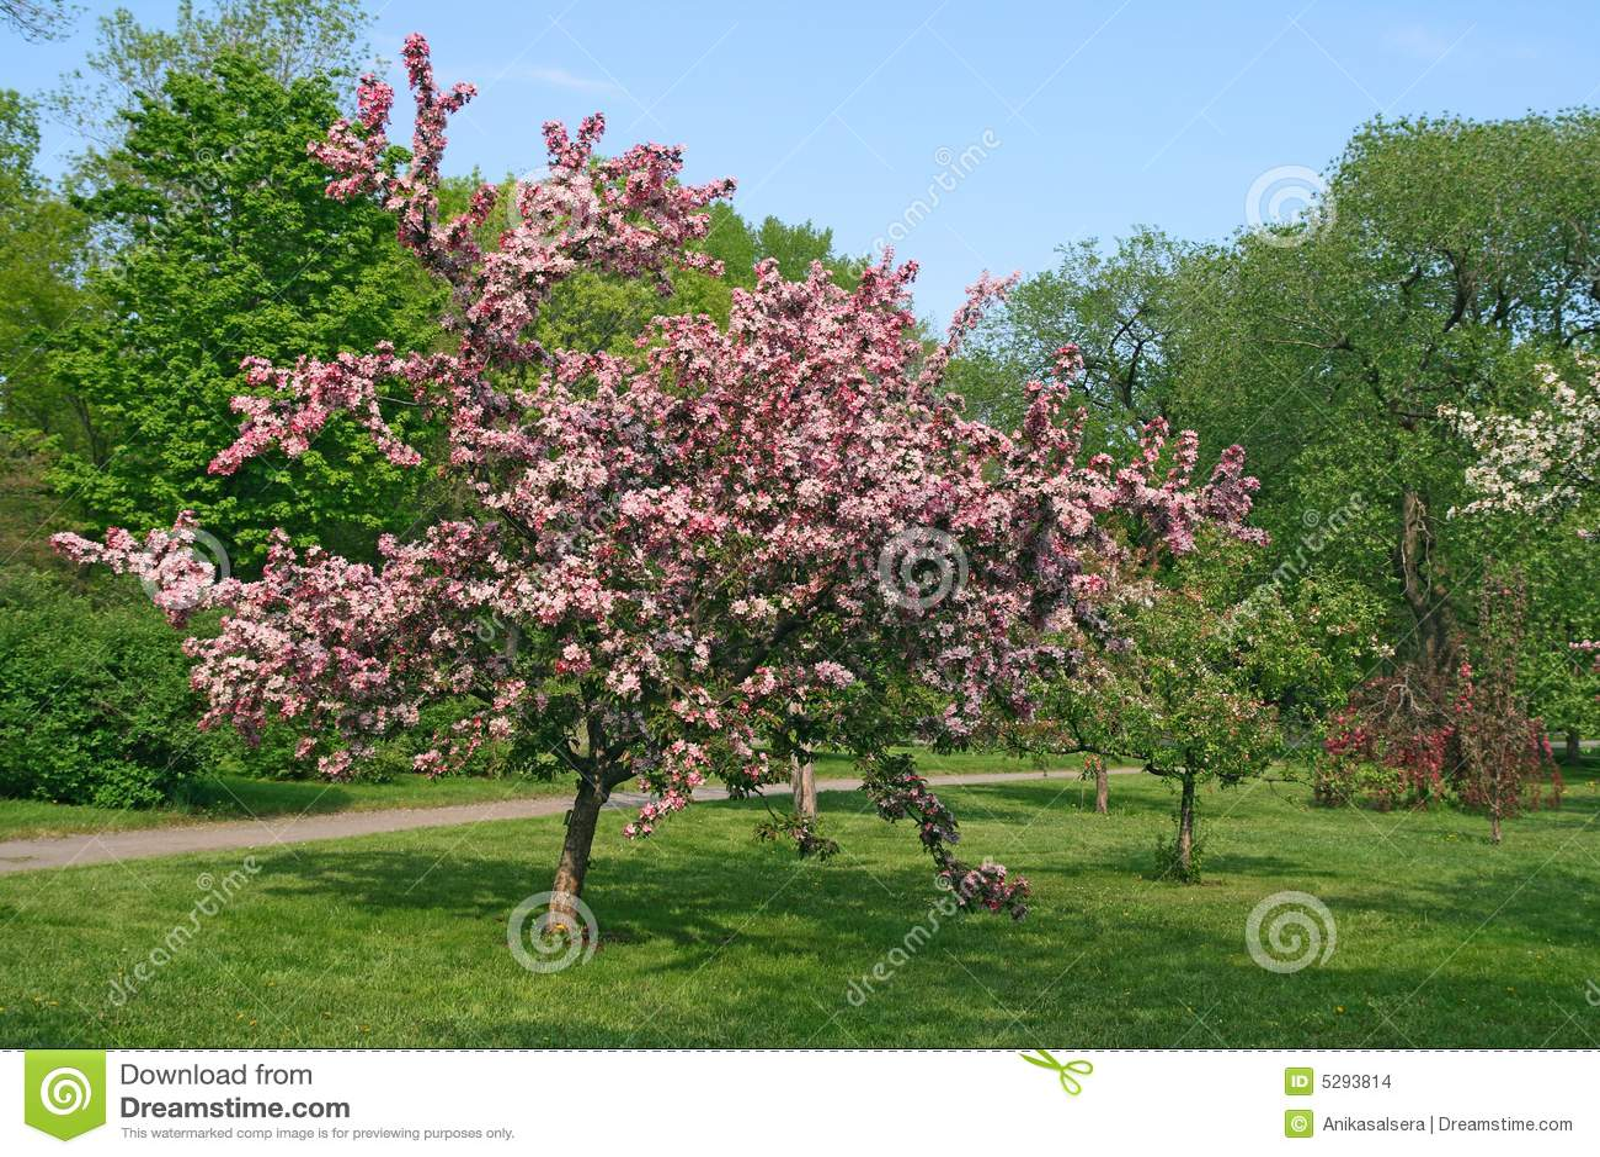 sch ner bl hender rosafarbener baum stockbilder bild 5293814. Black Bedroom Furniture Sets. Home Design Ideas